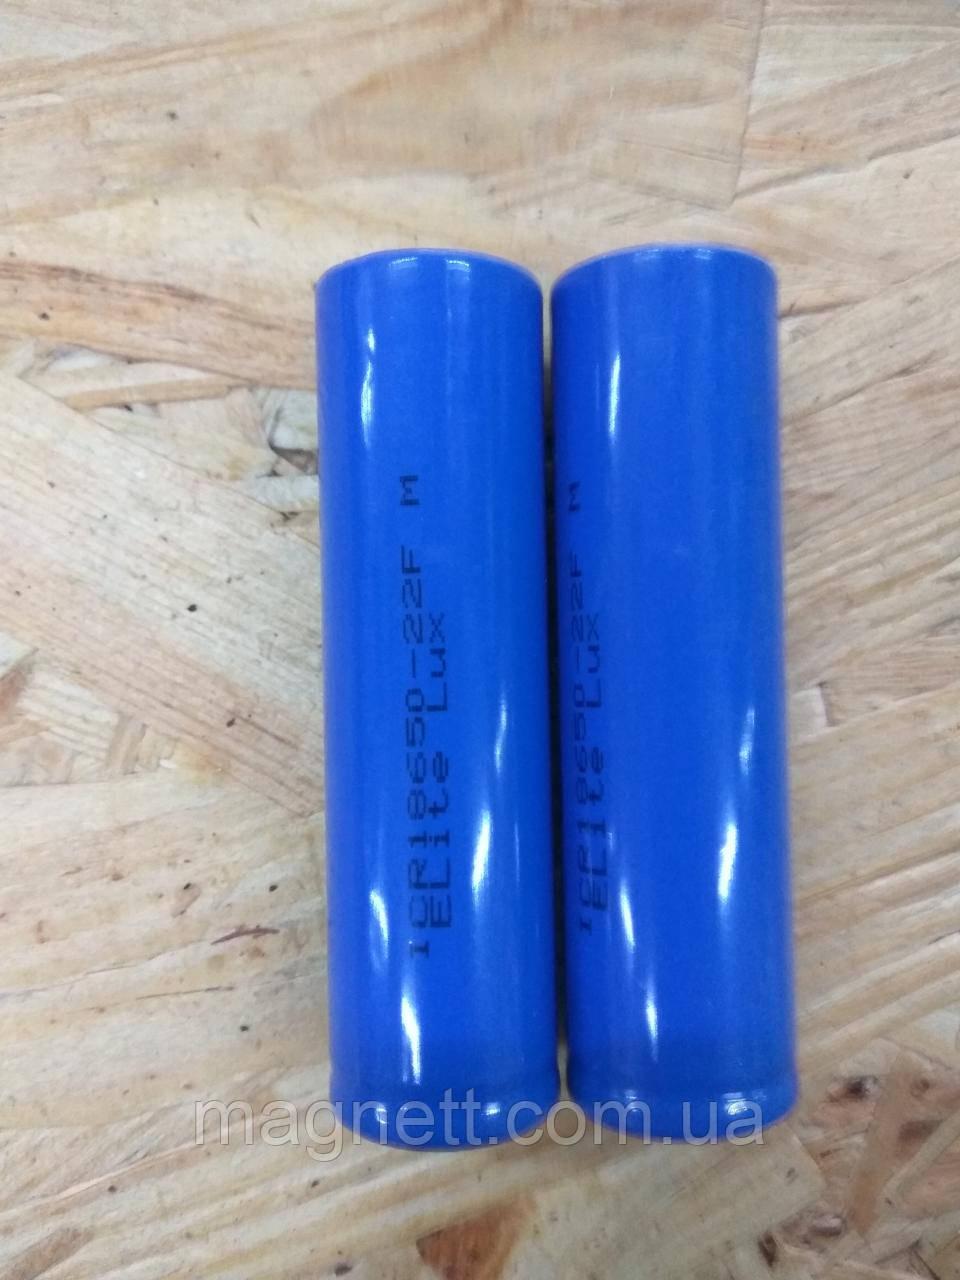 Аккумулятор Samsung 18650 Батарейка